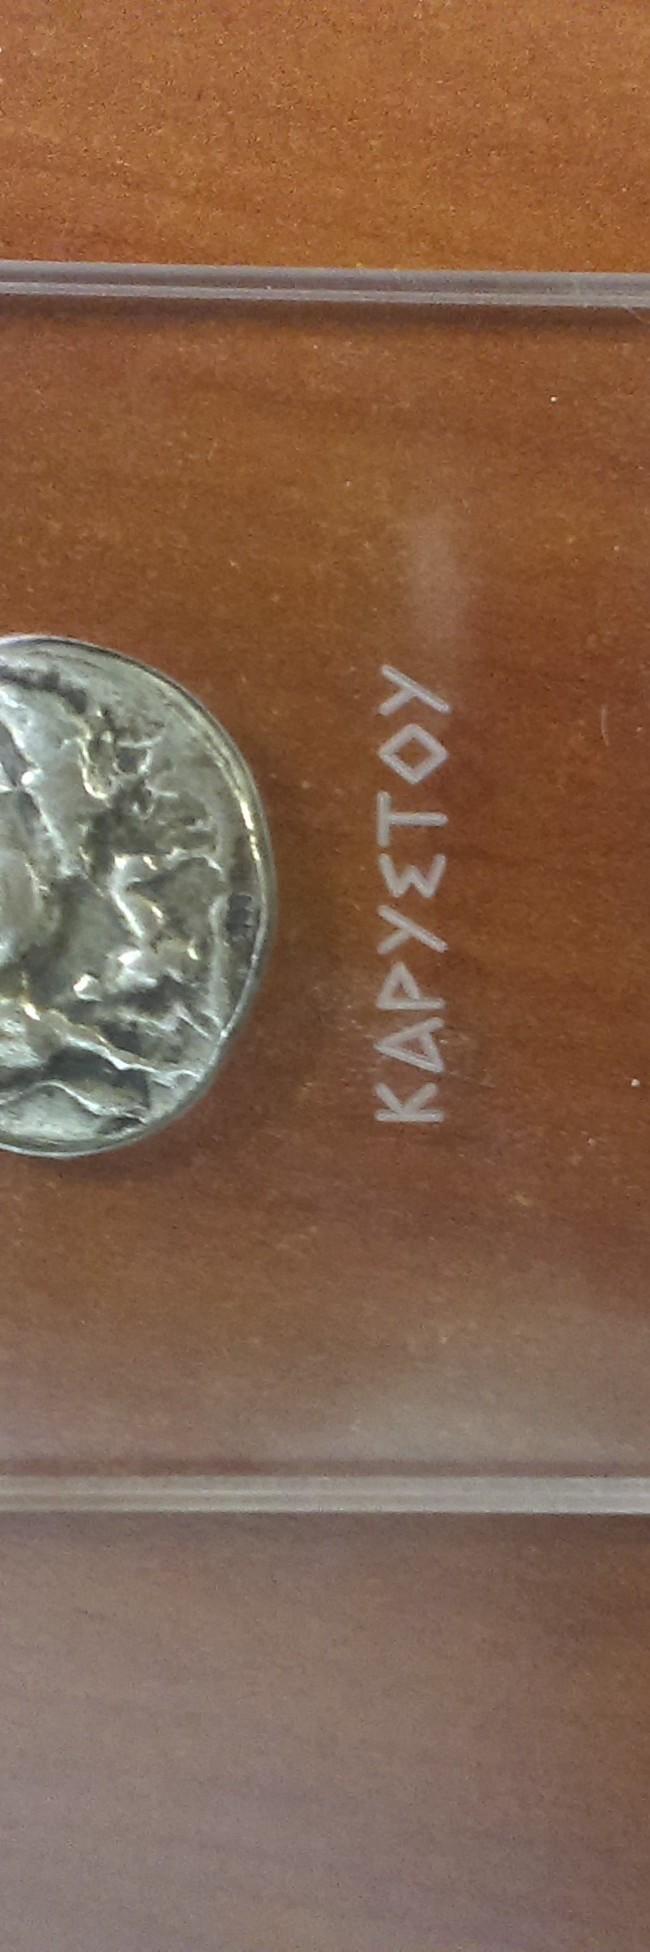 Εγκλωβισμός νομίσματος σε Plexiglass